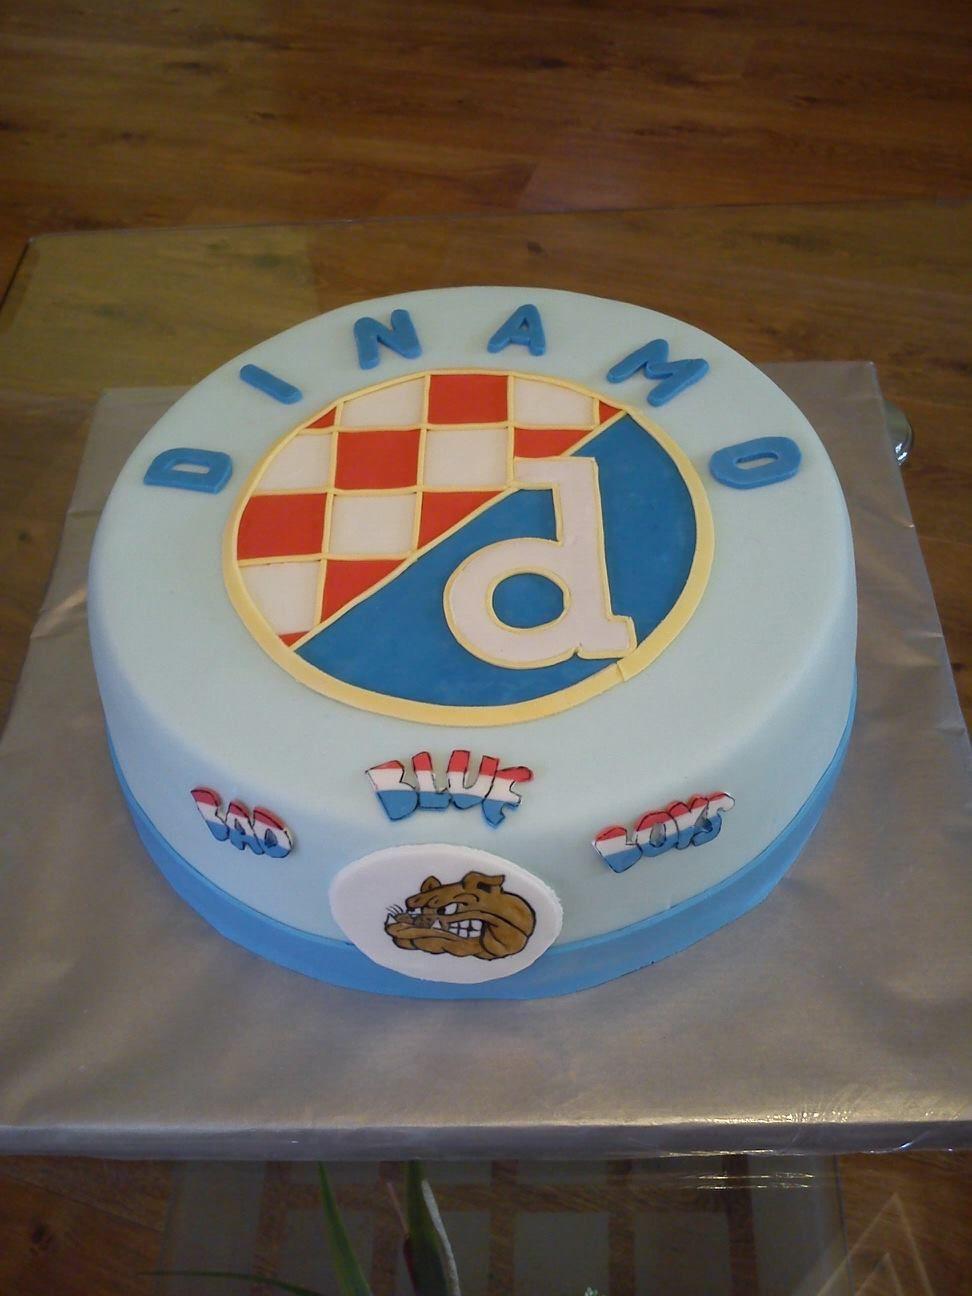 Dinamo Zg Cake Soccer Cake Cake Birthday Cake